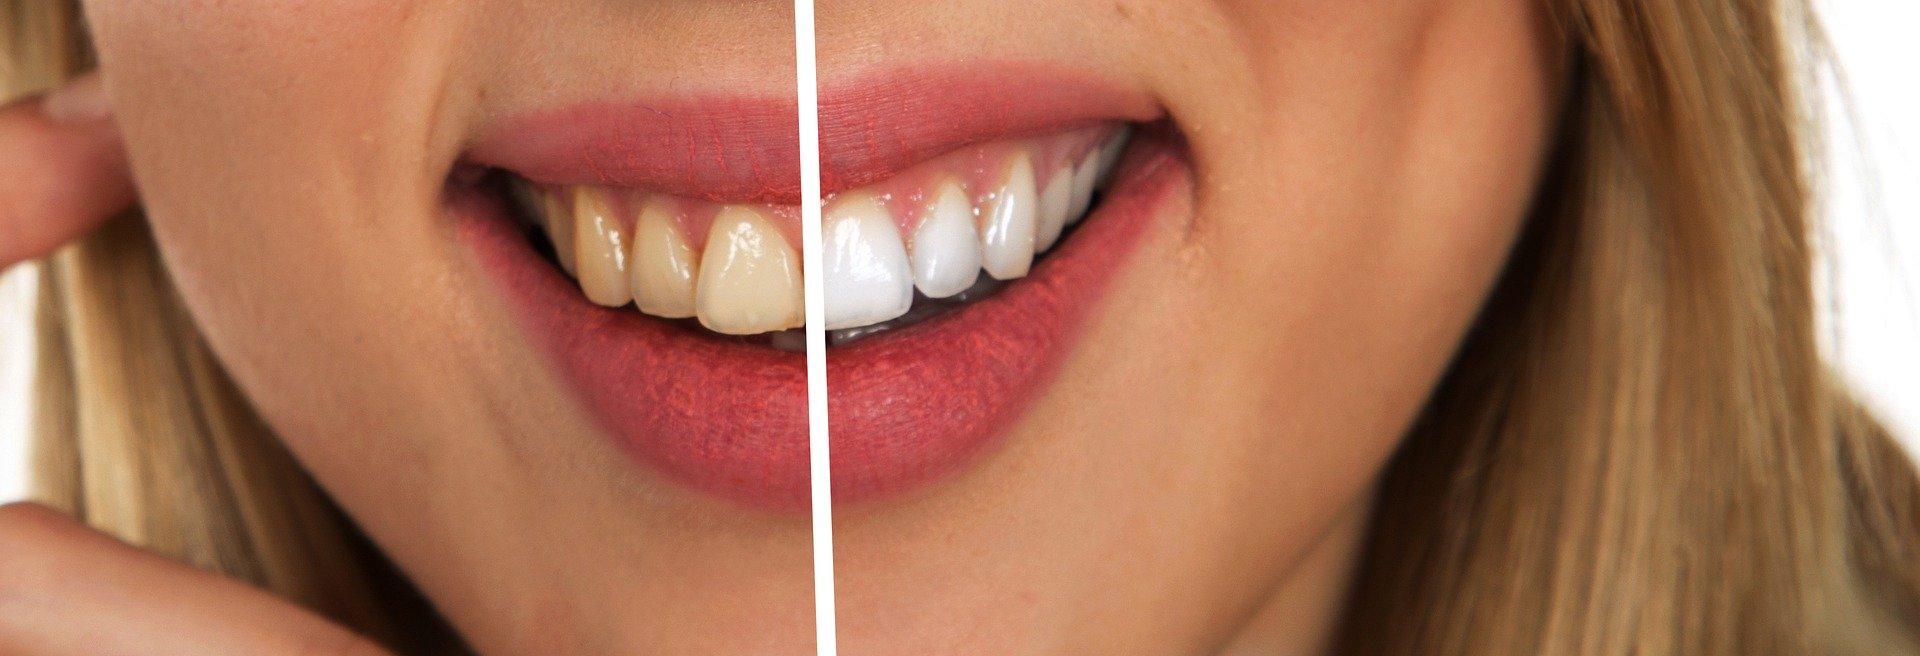 soin dentiste